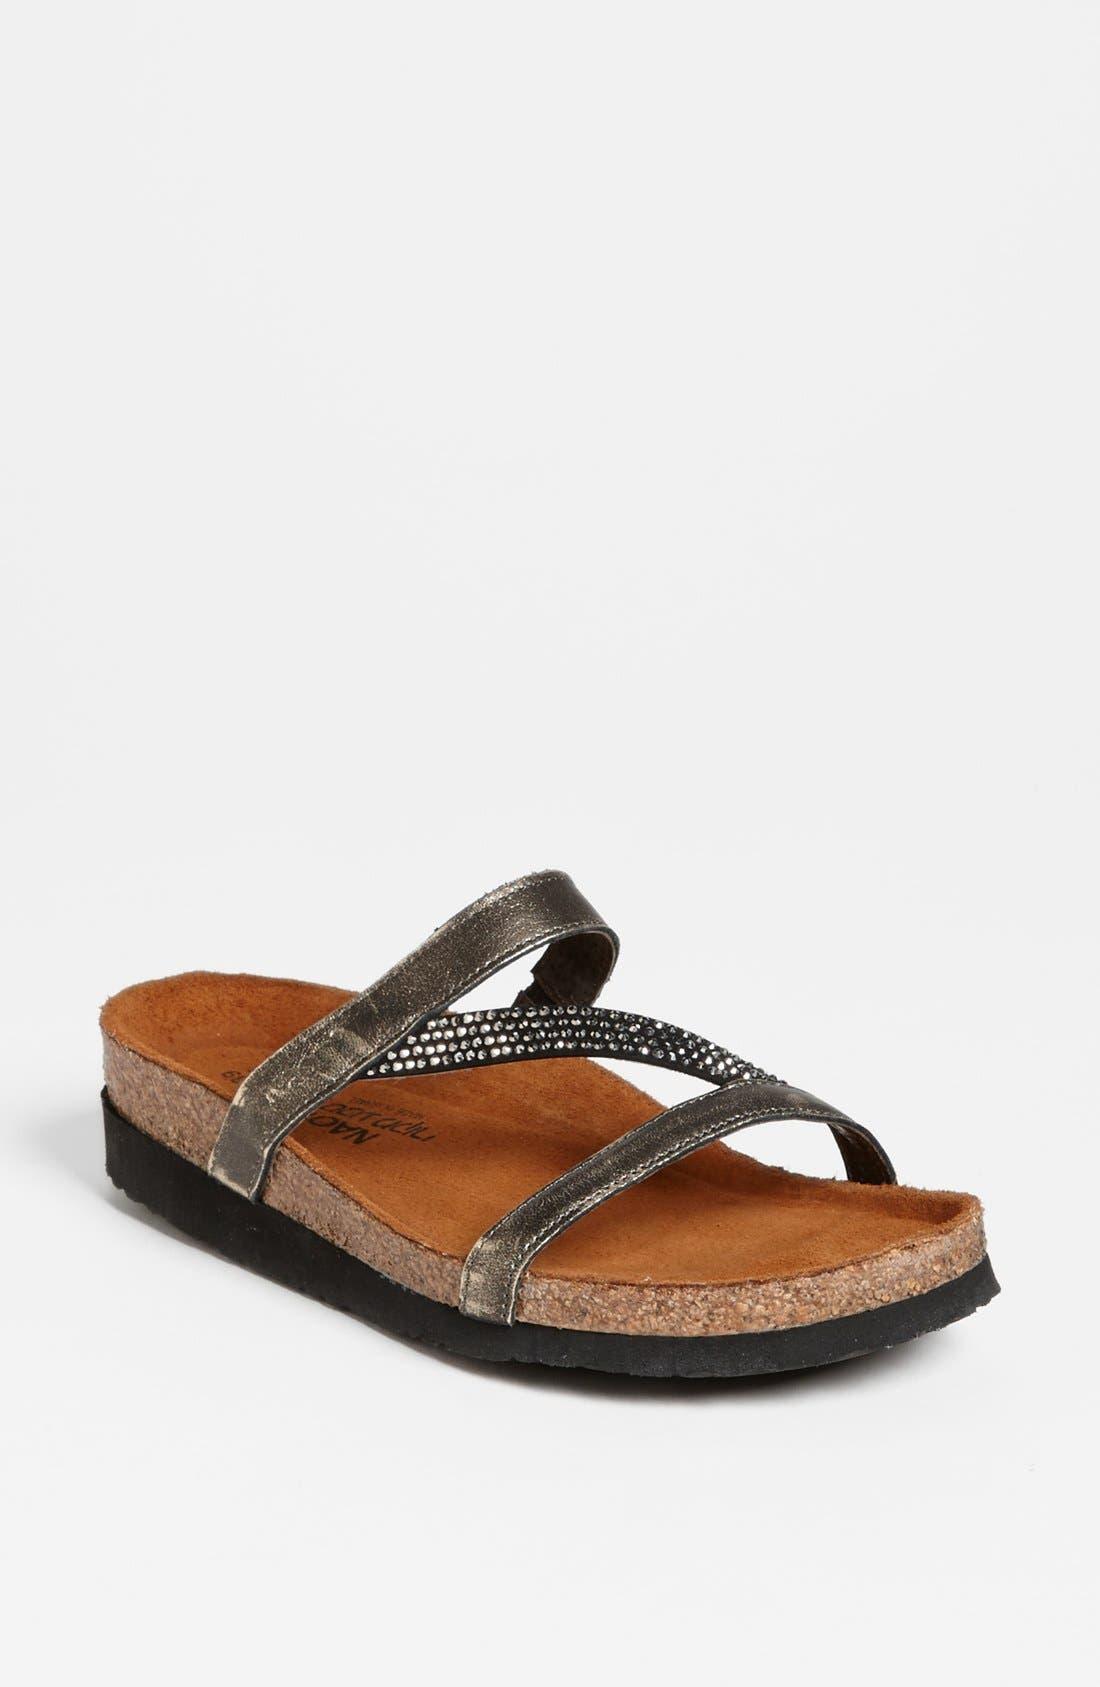 Main Image - Naot 'Hawaii' Sandal